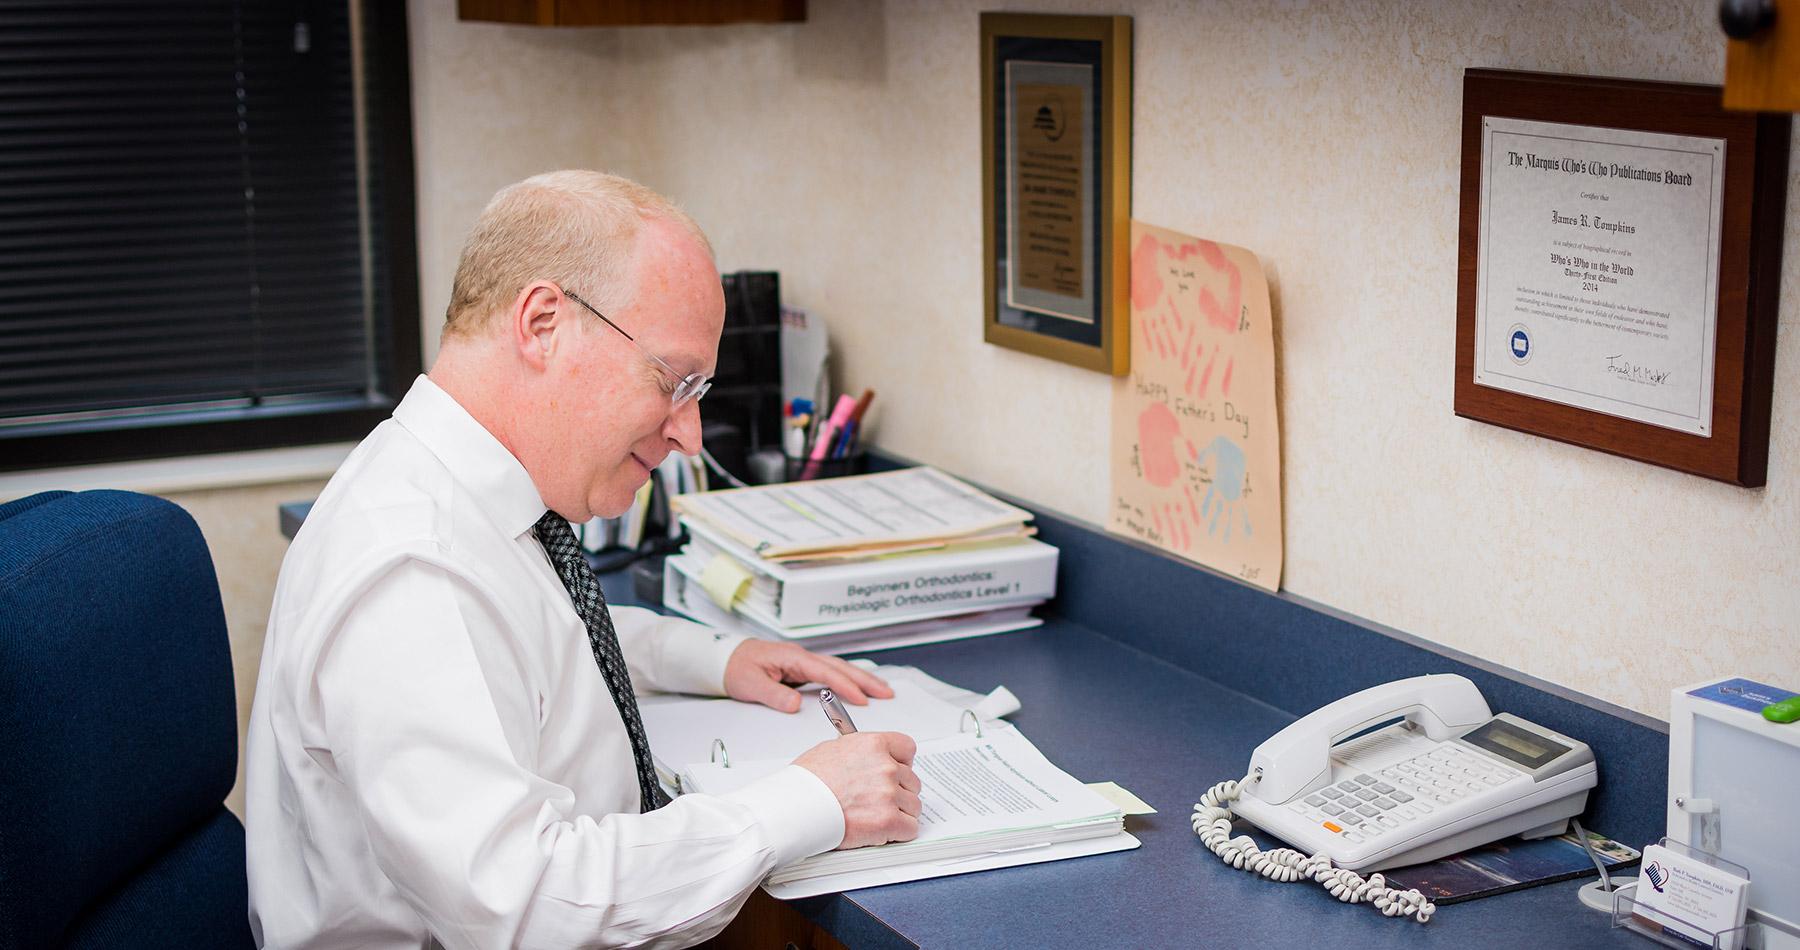 Dr. Tompkins at his desk